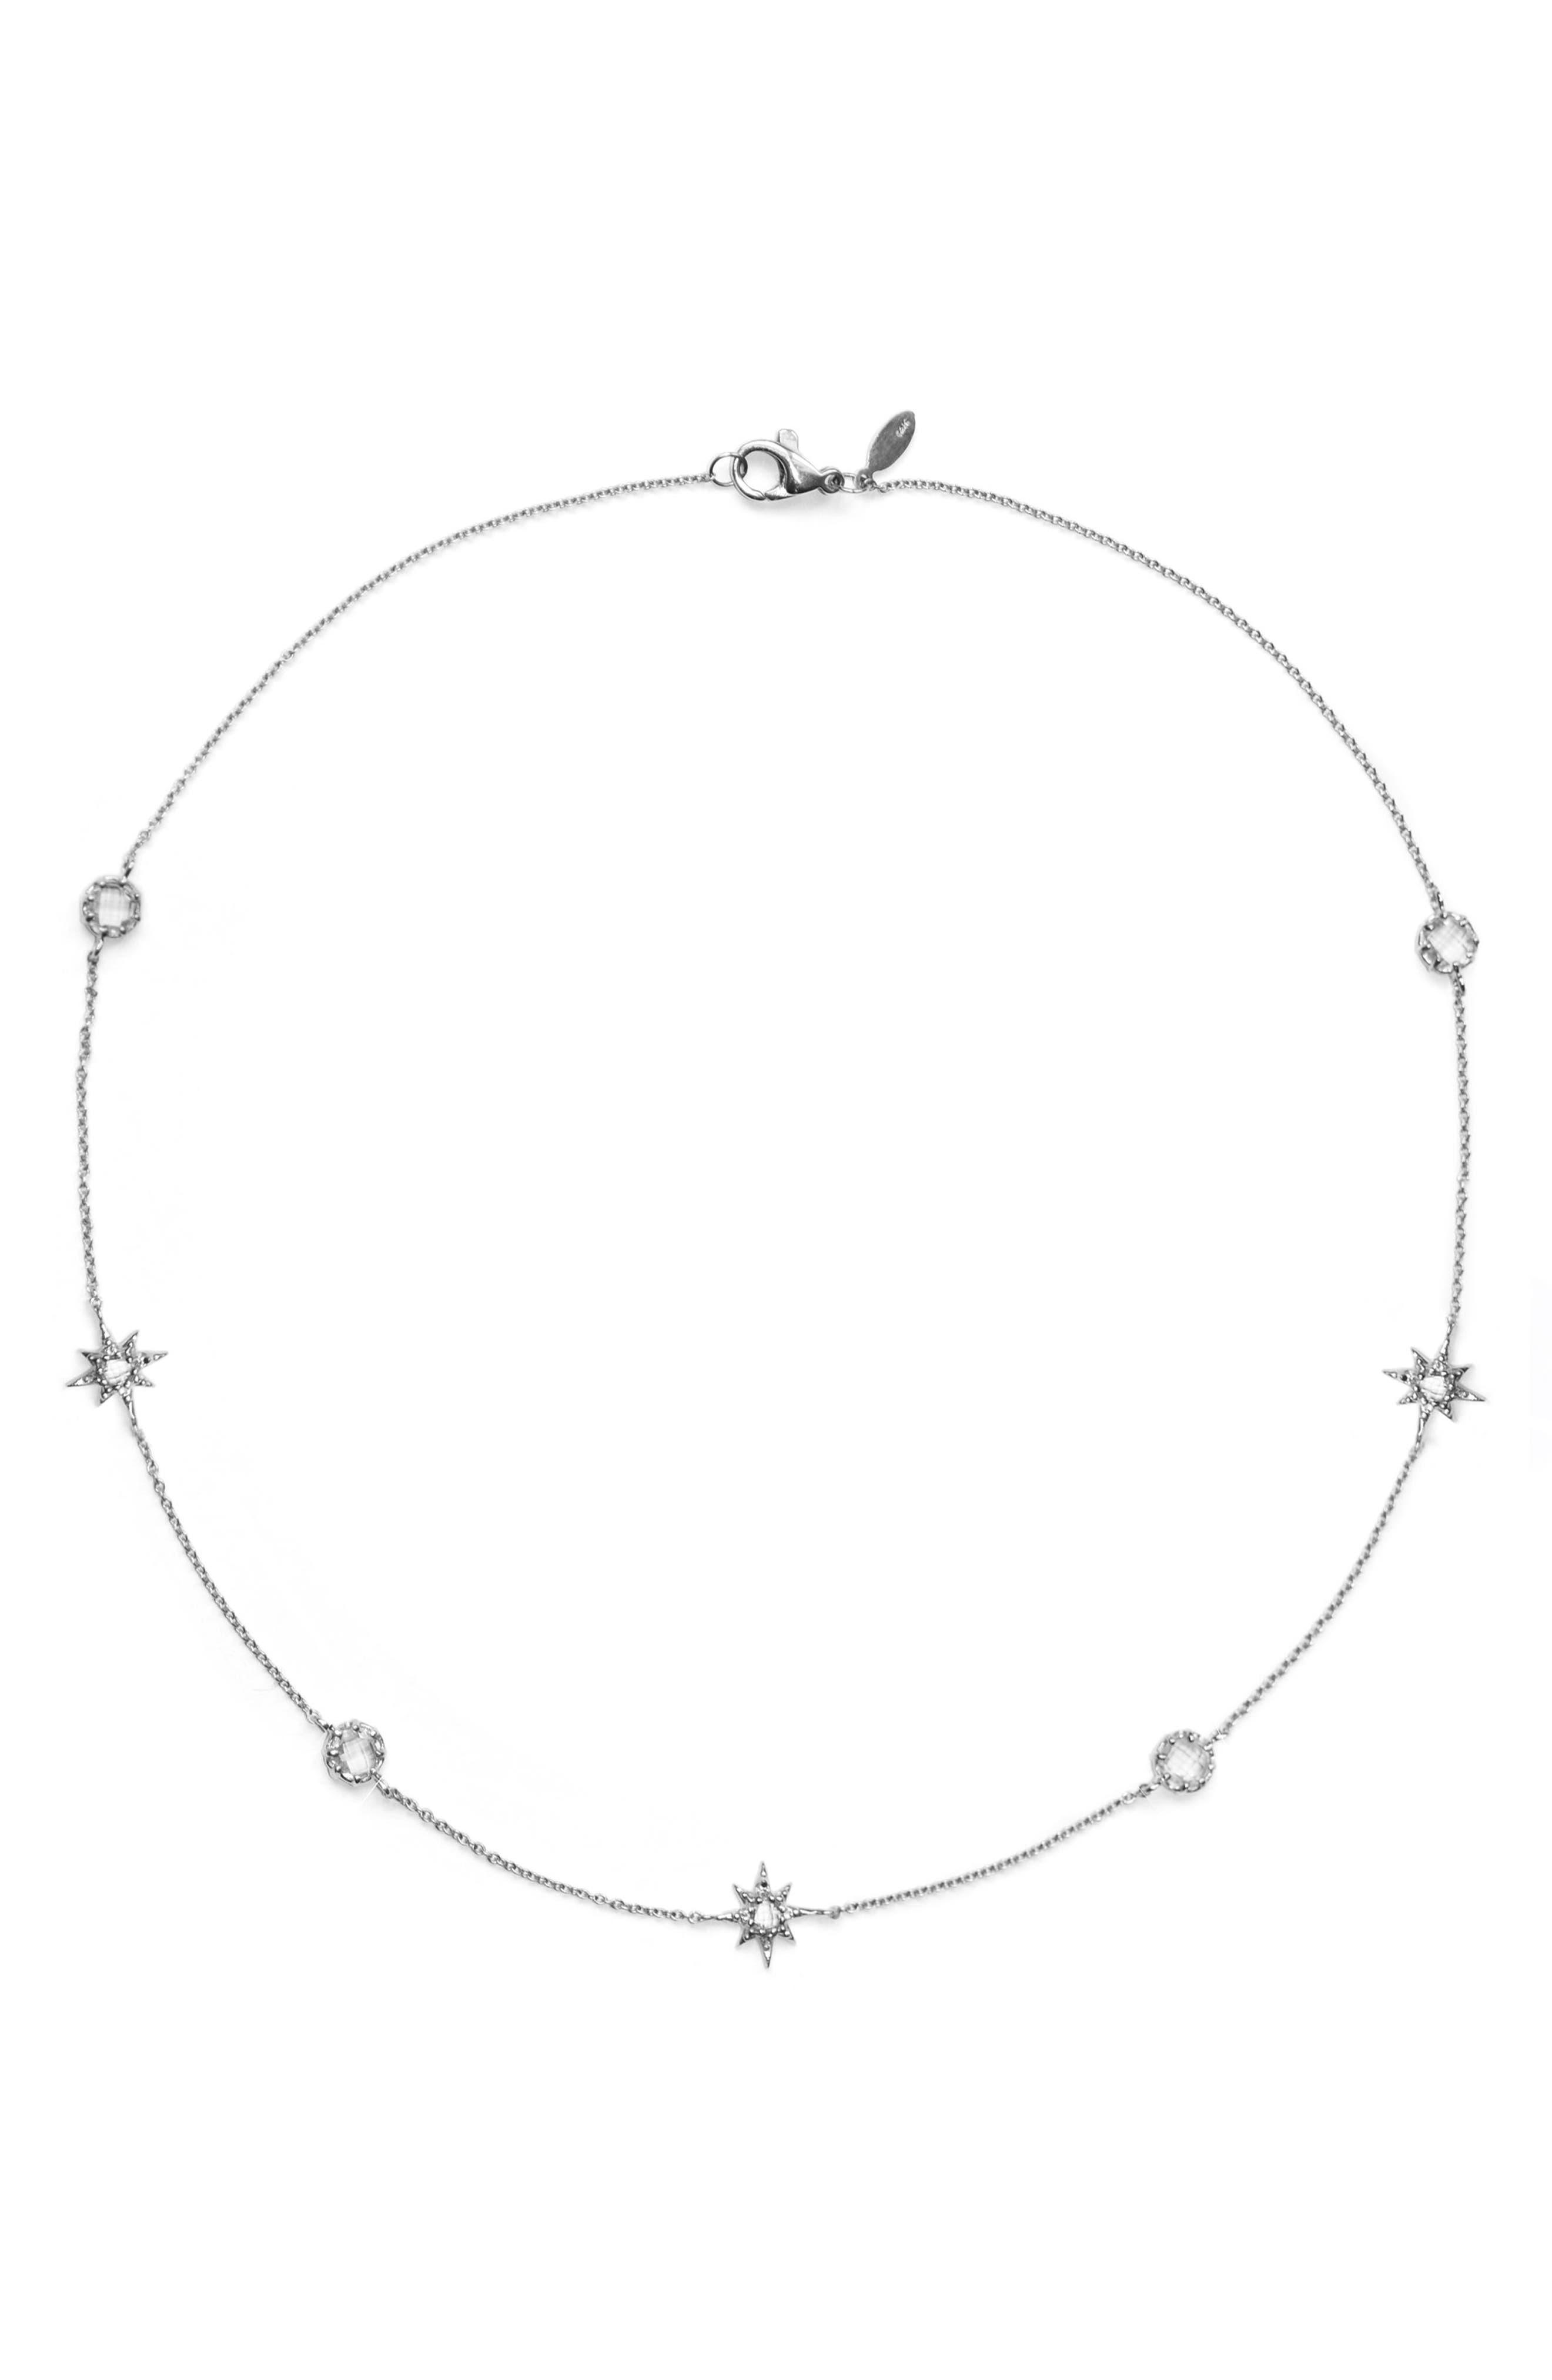 Aztec Sunburst White Topaz Charm Necklace,                         Main,                         color, Silver